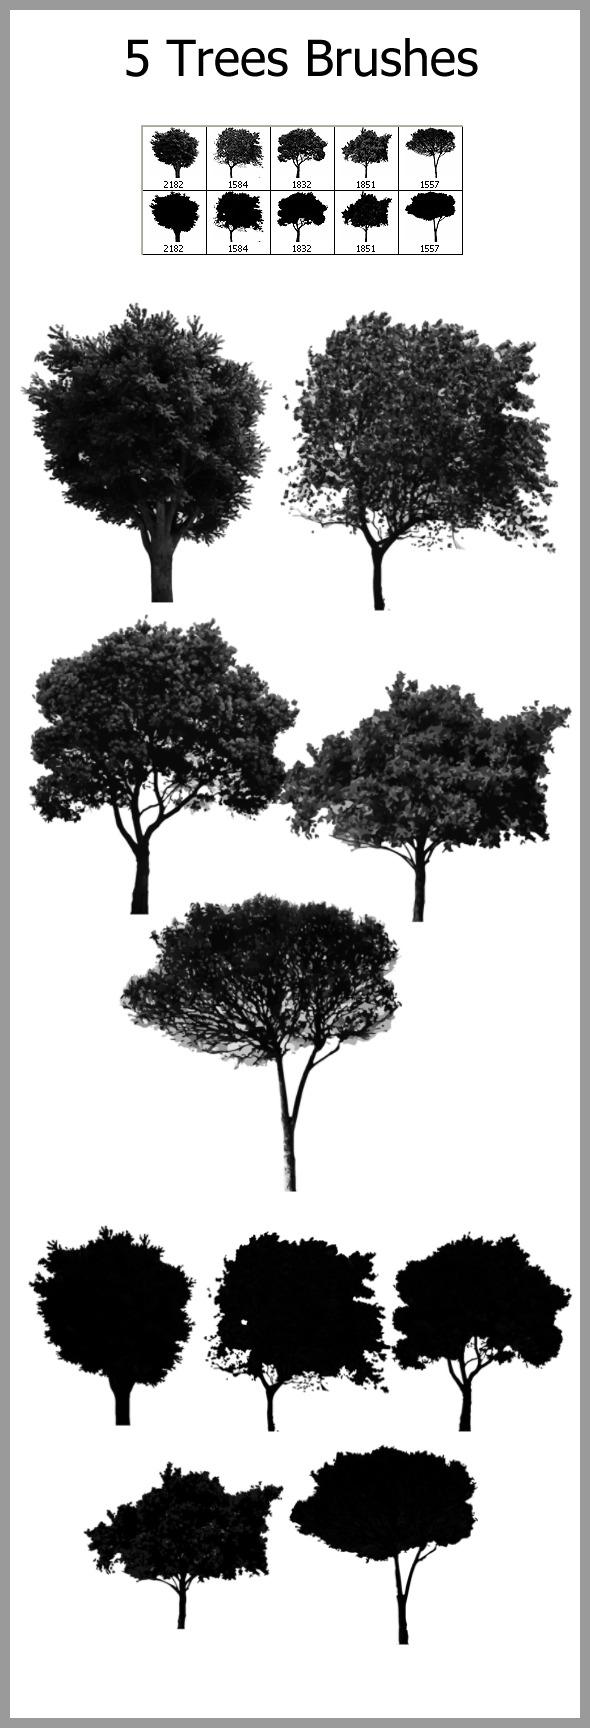 5 Trees Brushes - Flourishes Brushes